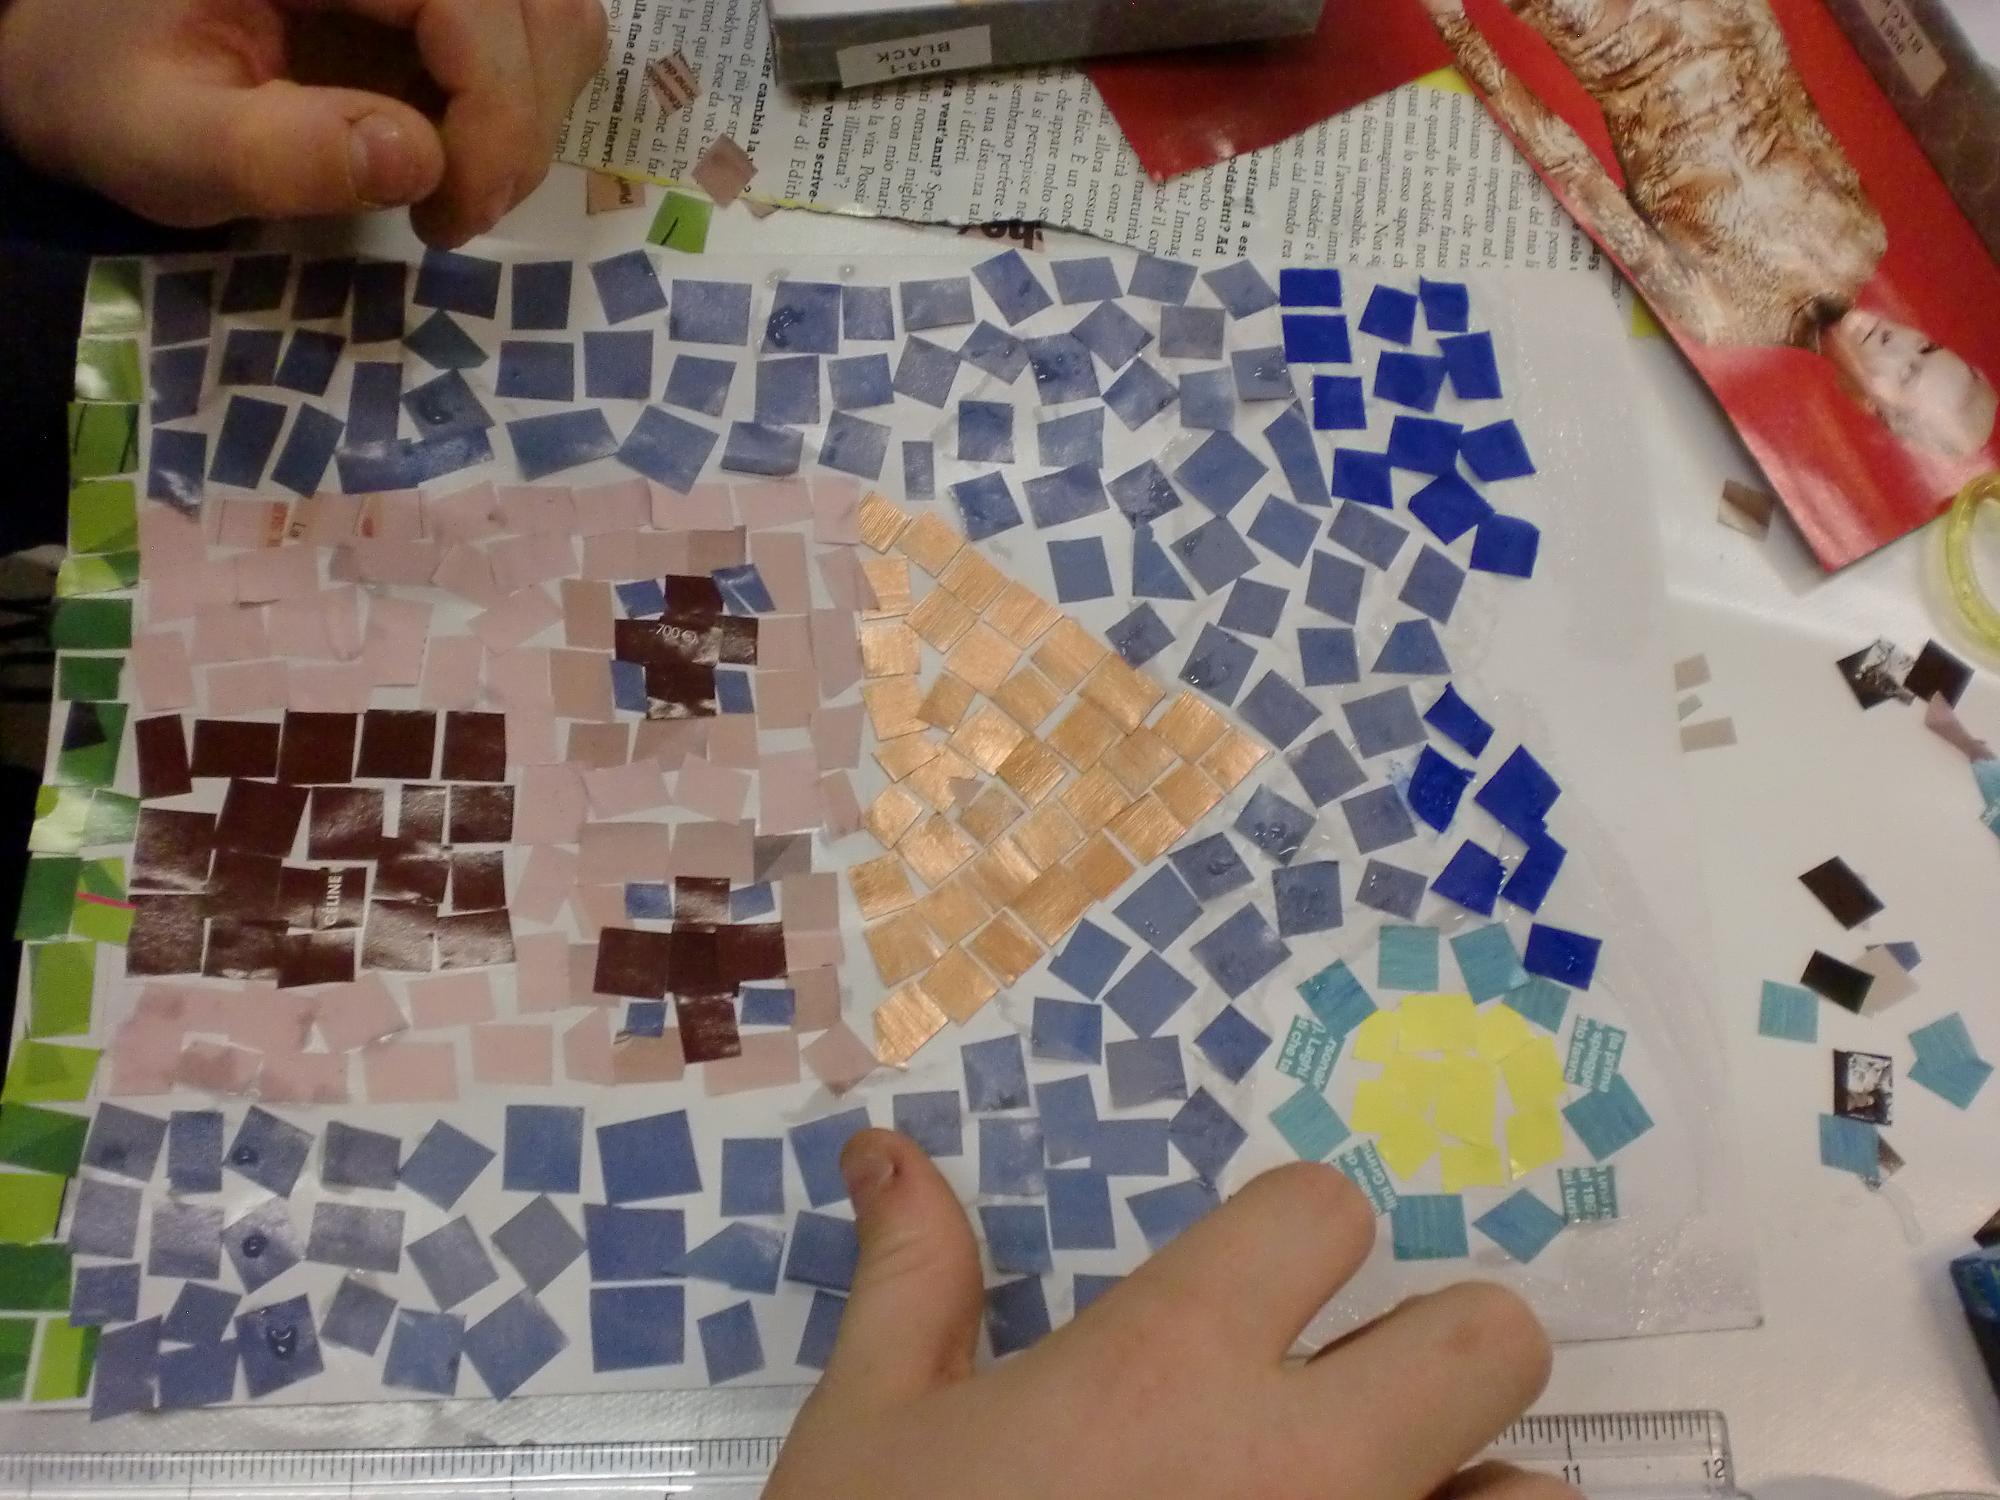 Top Laboratori creativi per bimbini | Noi dell'Arte GU42